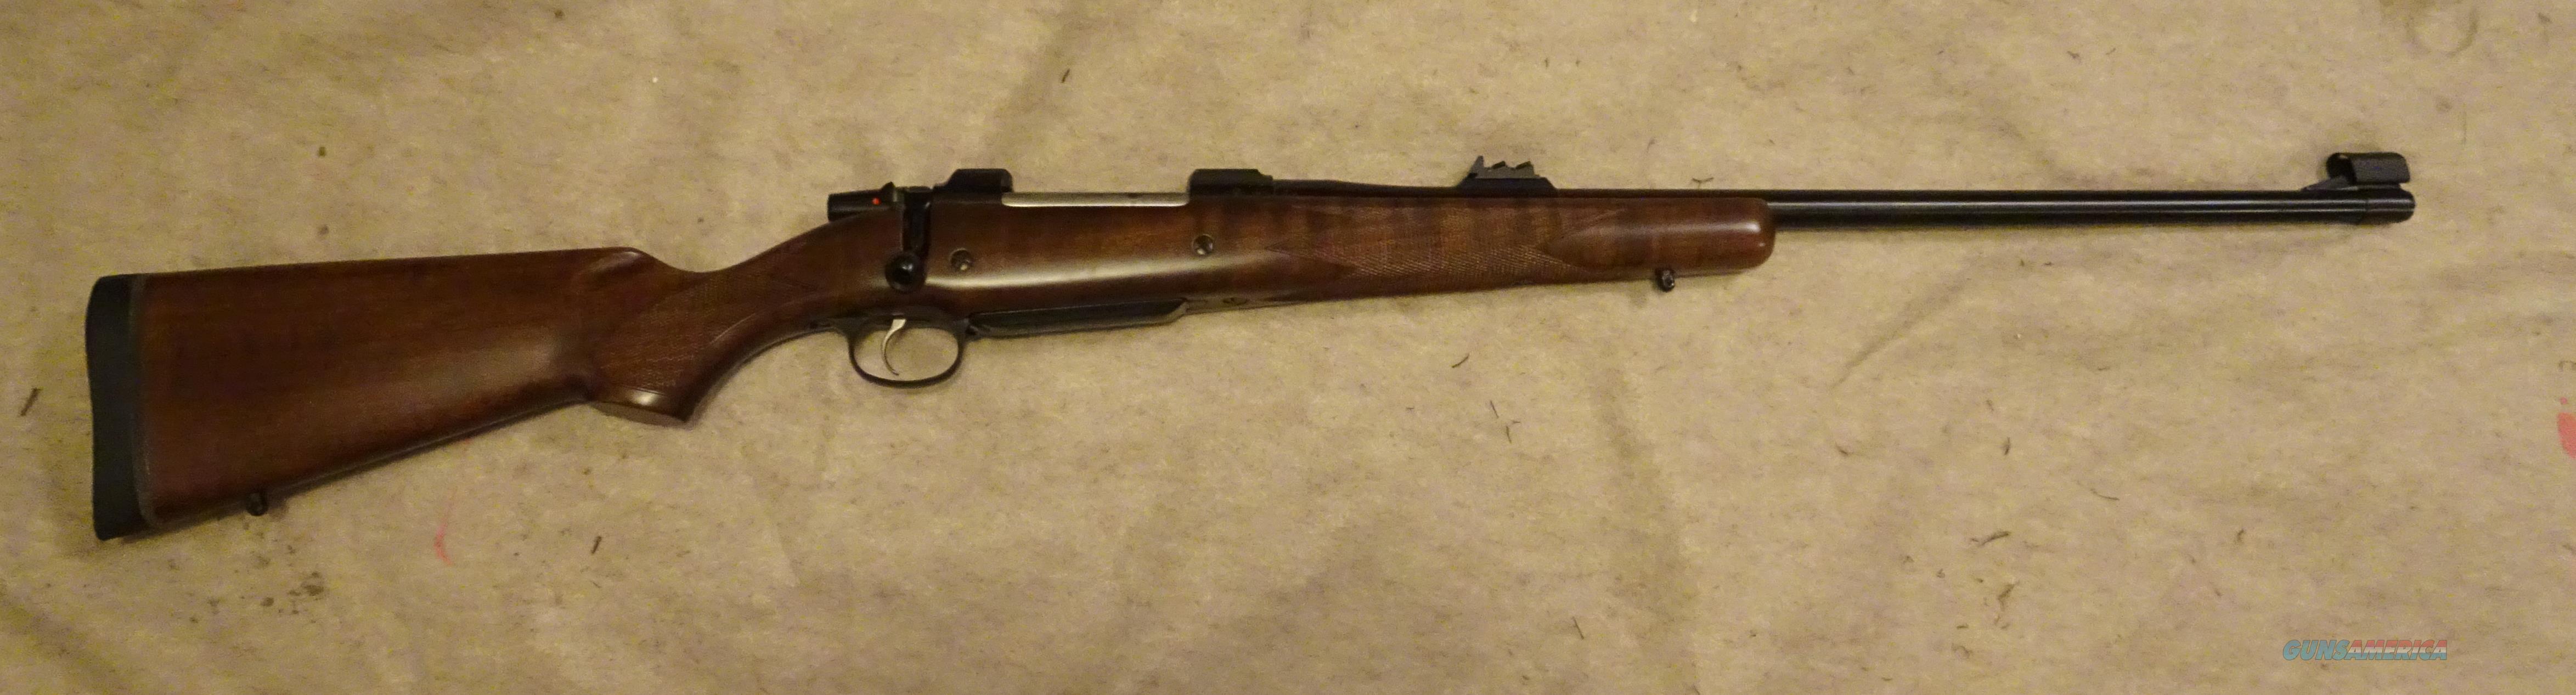 CZ 550 American Safari Magnum walnut 458 Lott  Guns > Rifles > CZ Rifles